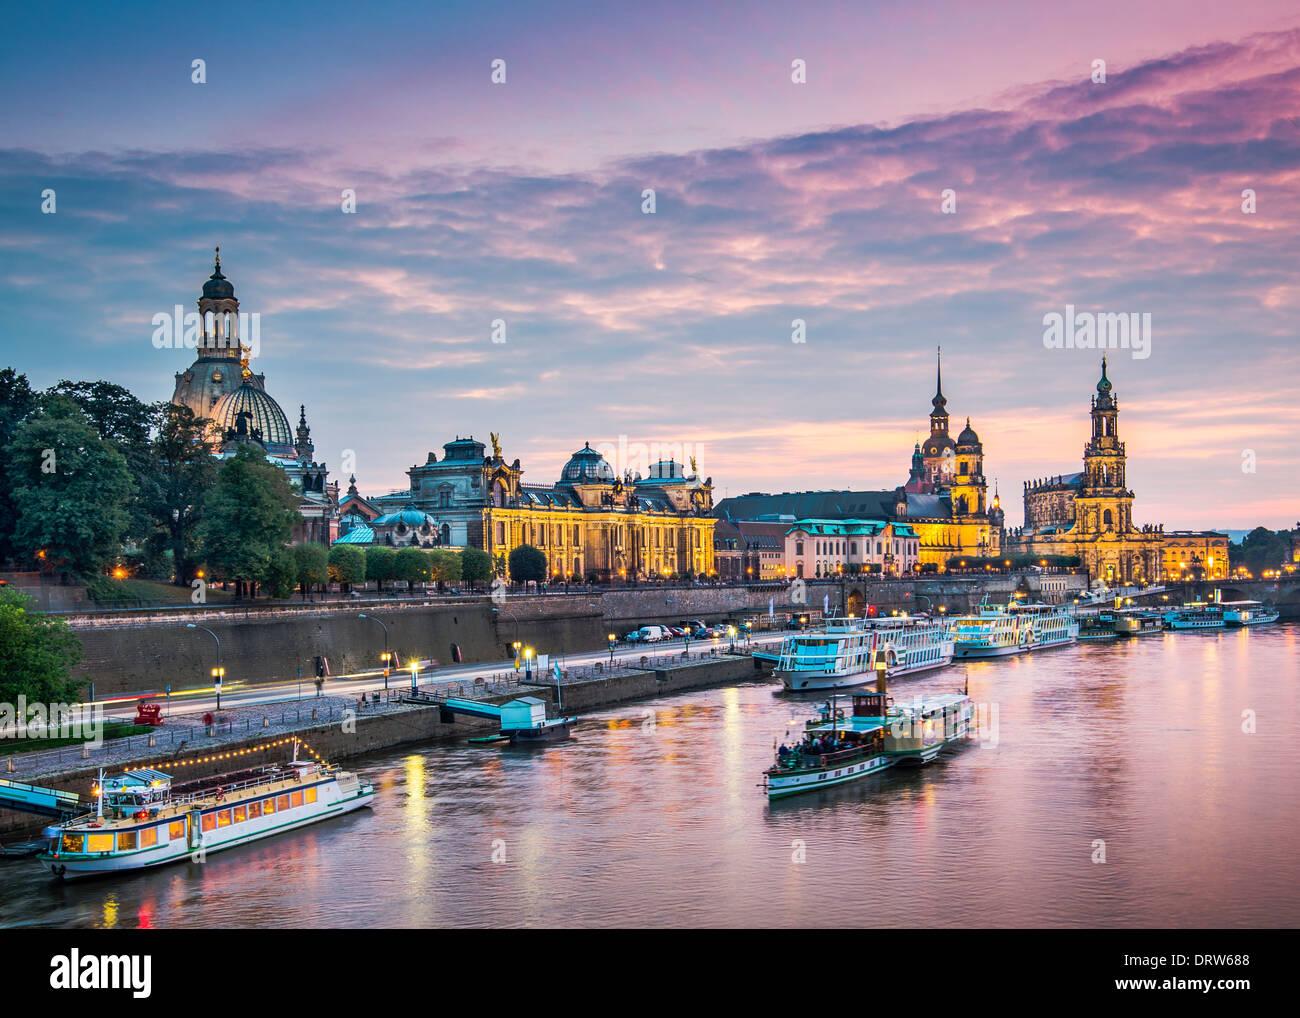 Dresden, Deutschland oberhalb der Elbe. Stockbild